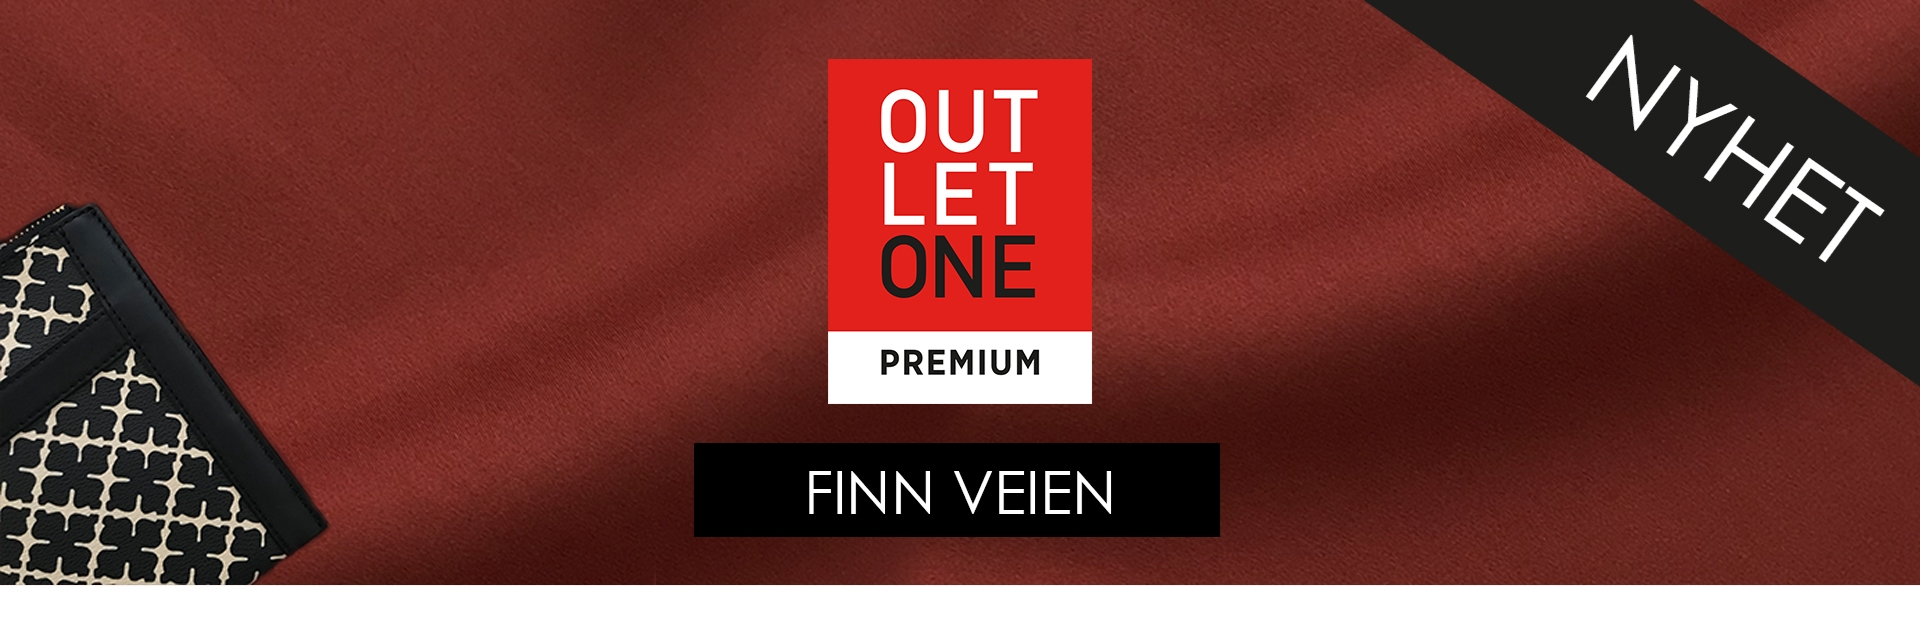 Bilde: Besøk vår nye butikk Outlet One Premium i Vestby